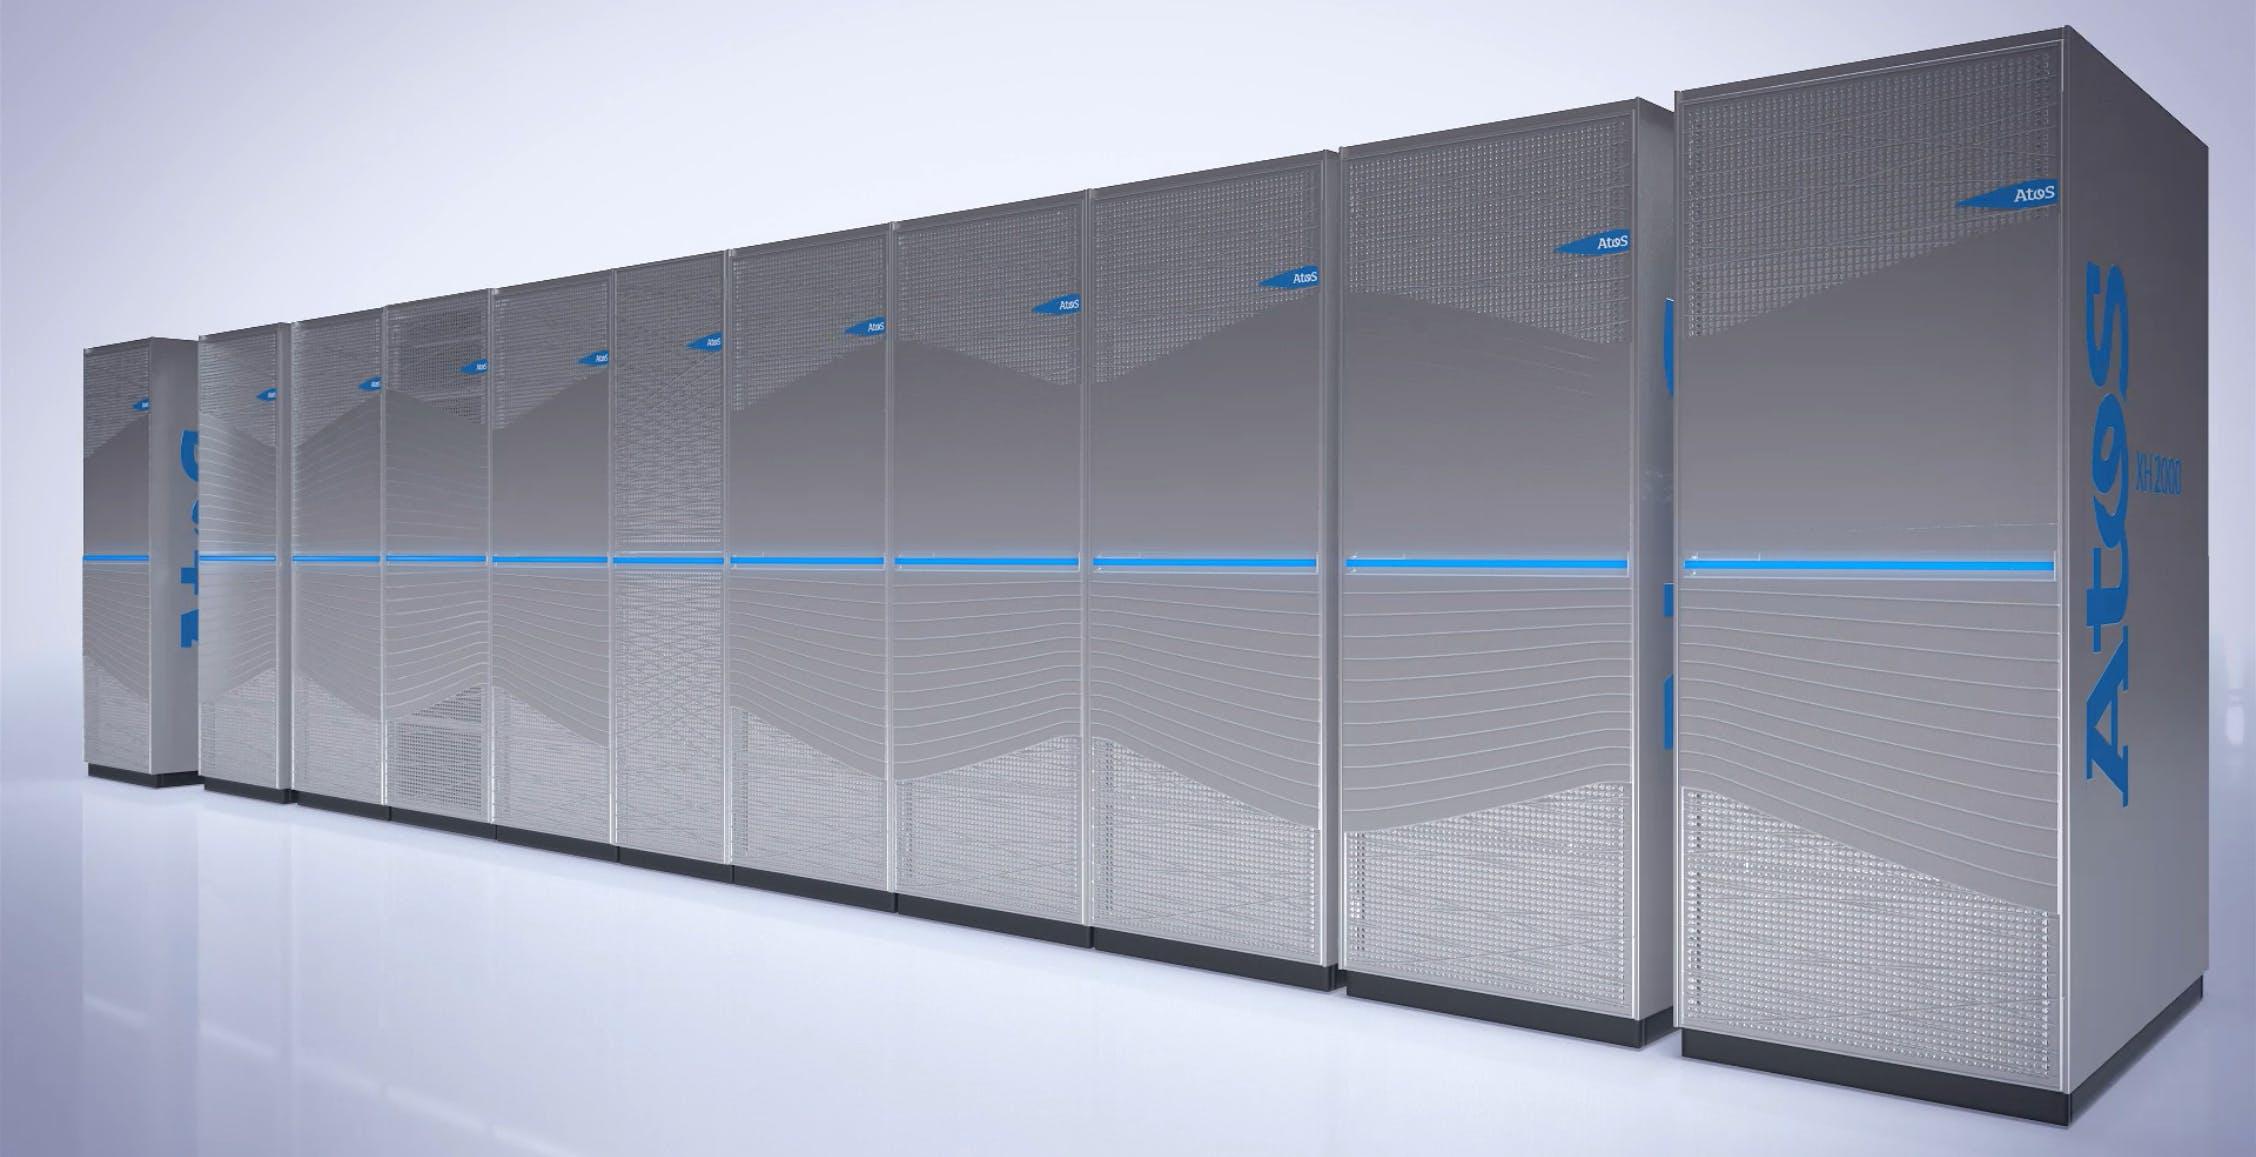 Il supercomputer per l'IA più veloce al mondo sarà costruito a Bologna